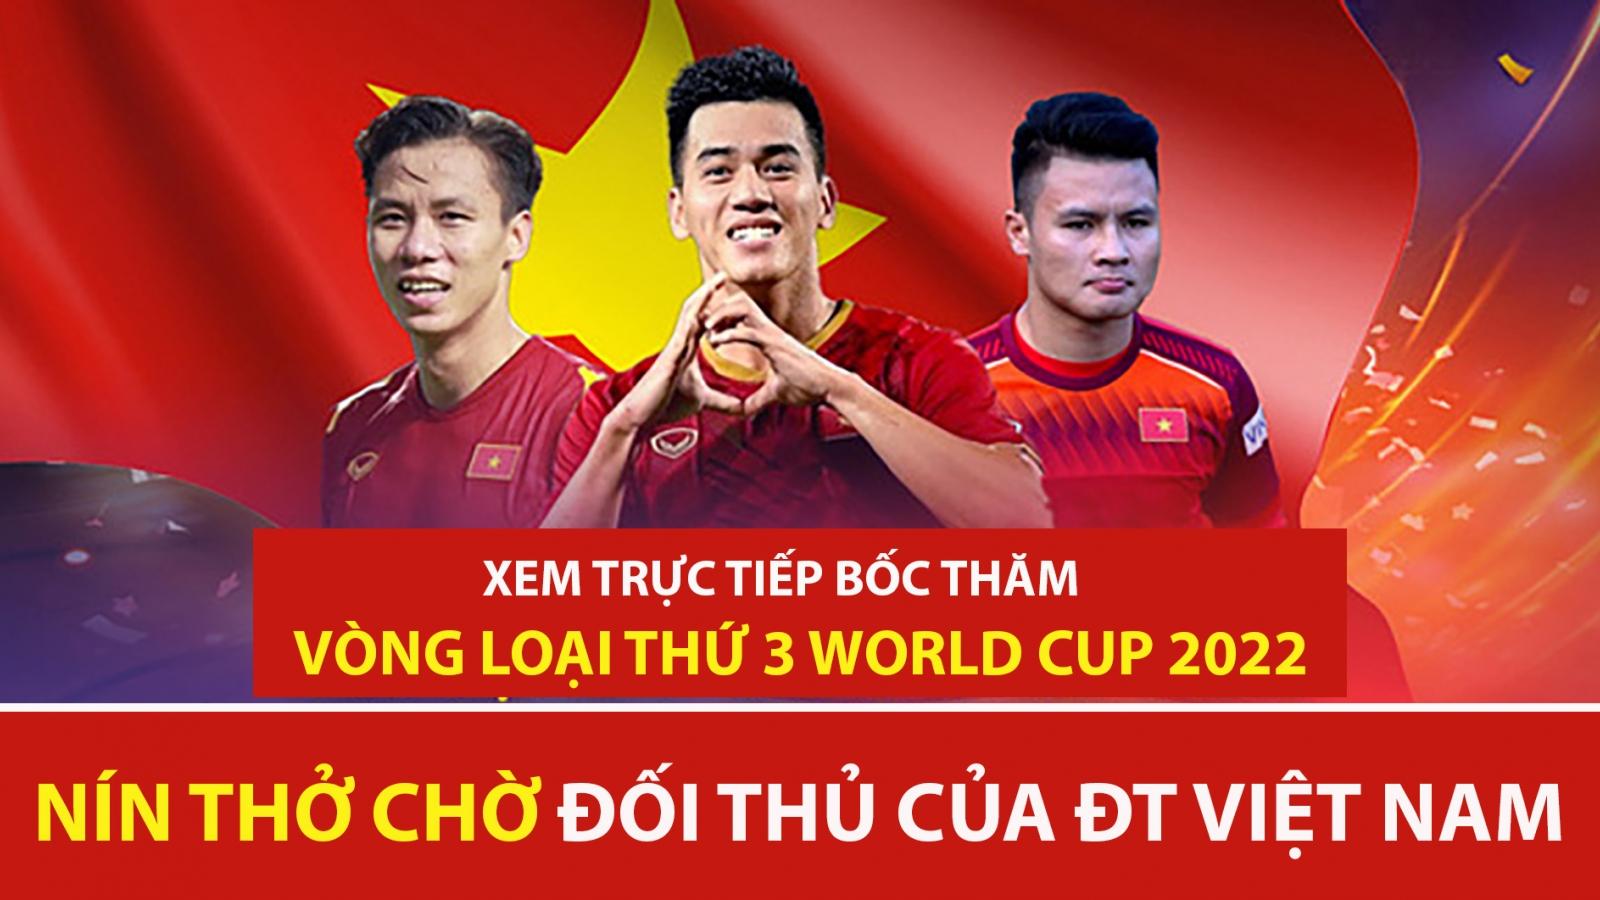 Xem trực tiếp bốc thăm vòng loại thứ 3 World Cup 2022: ĐT Việt Nam sẽ gặp đối thủ nào?